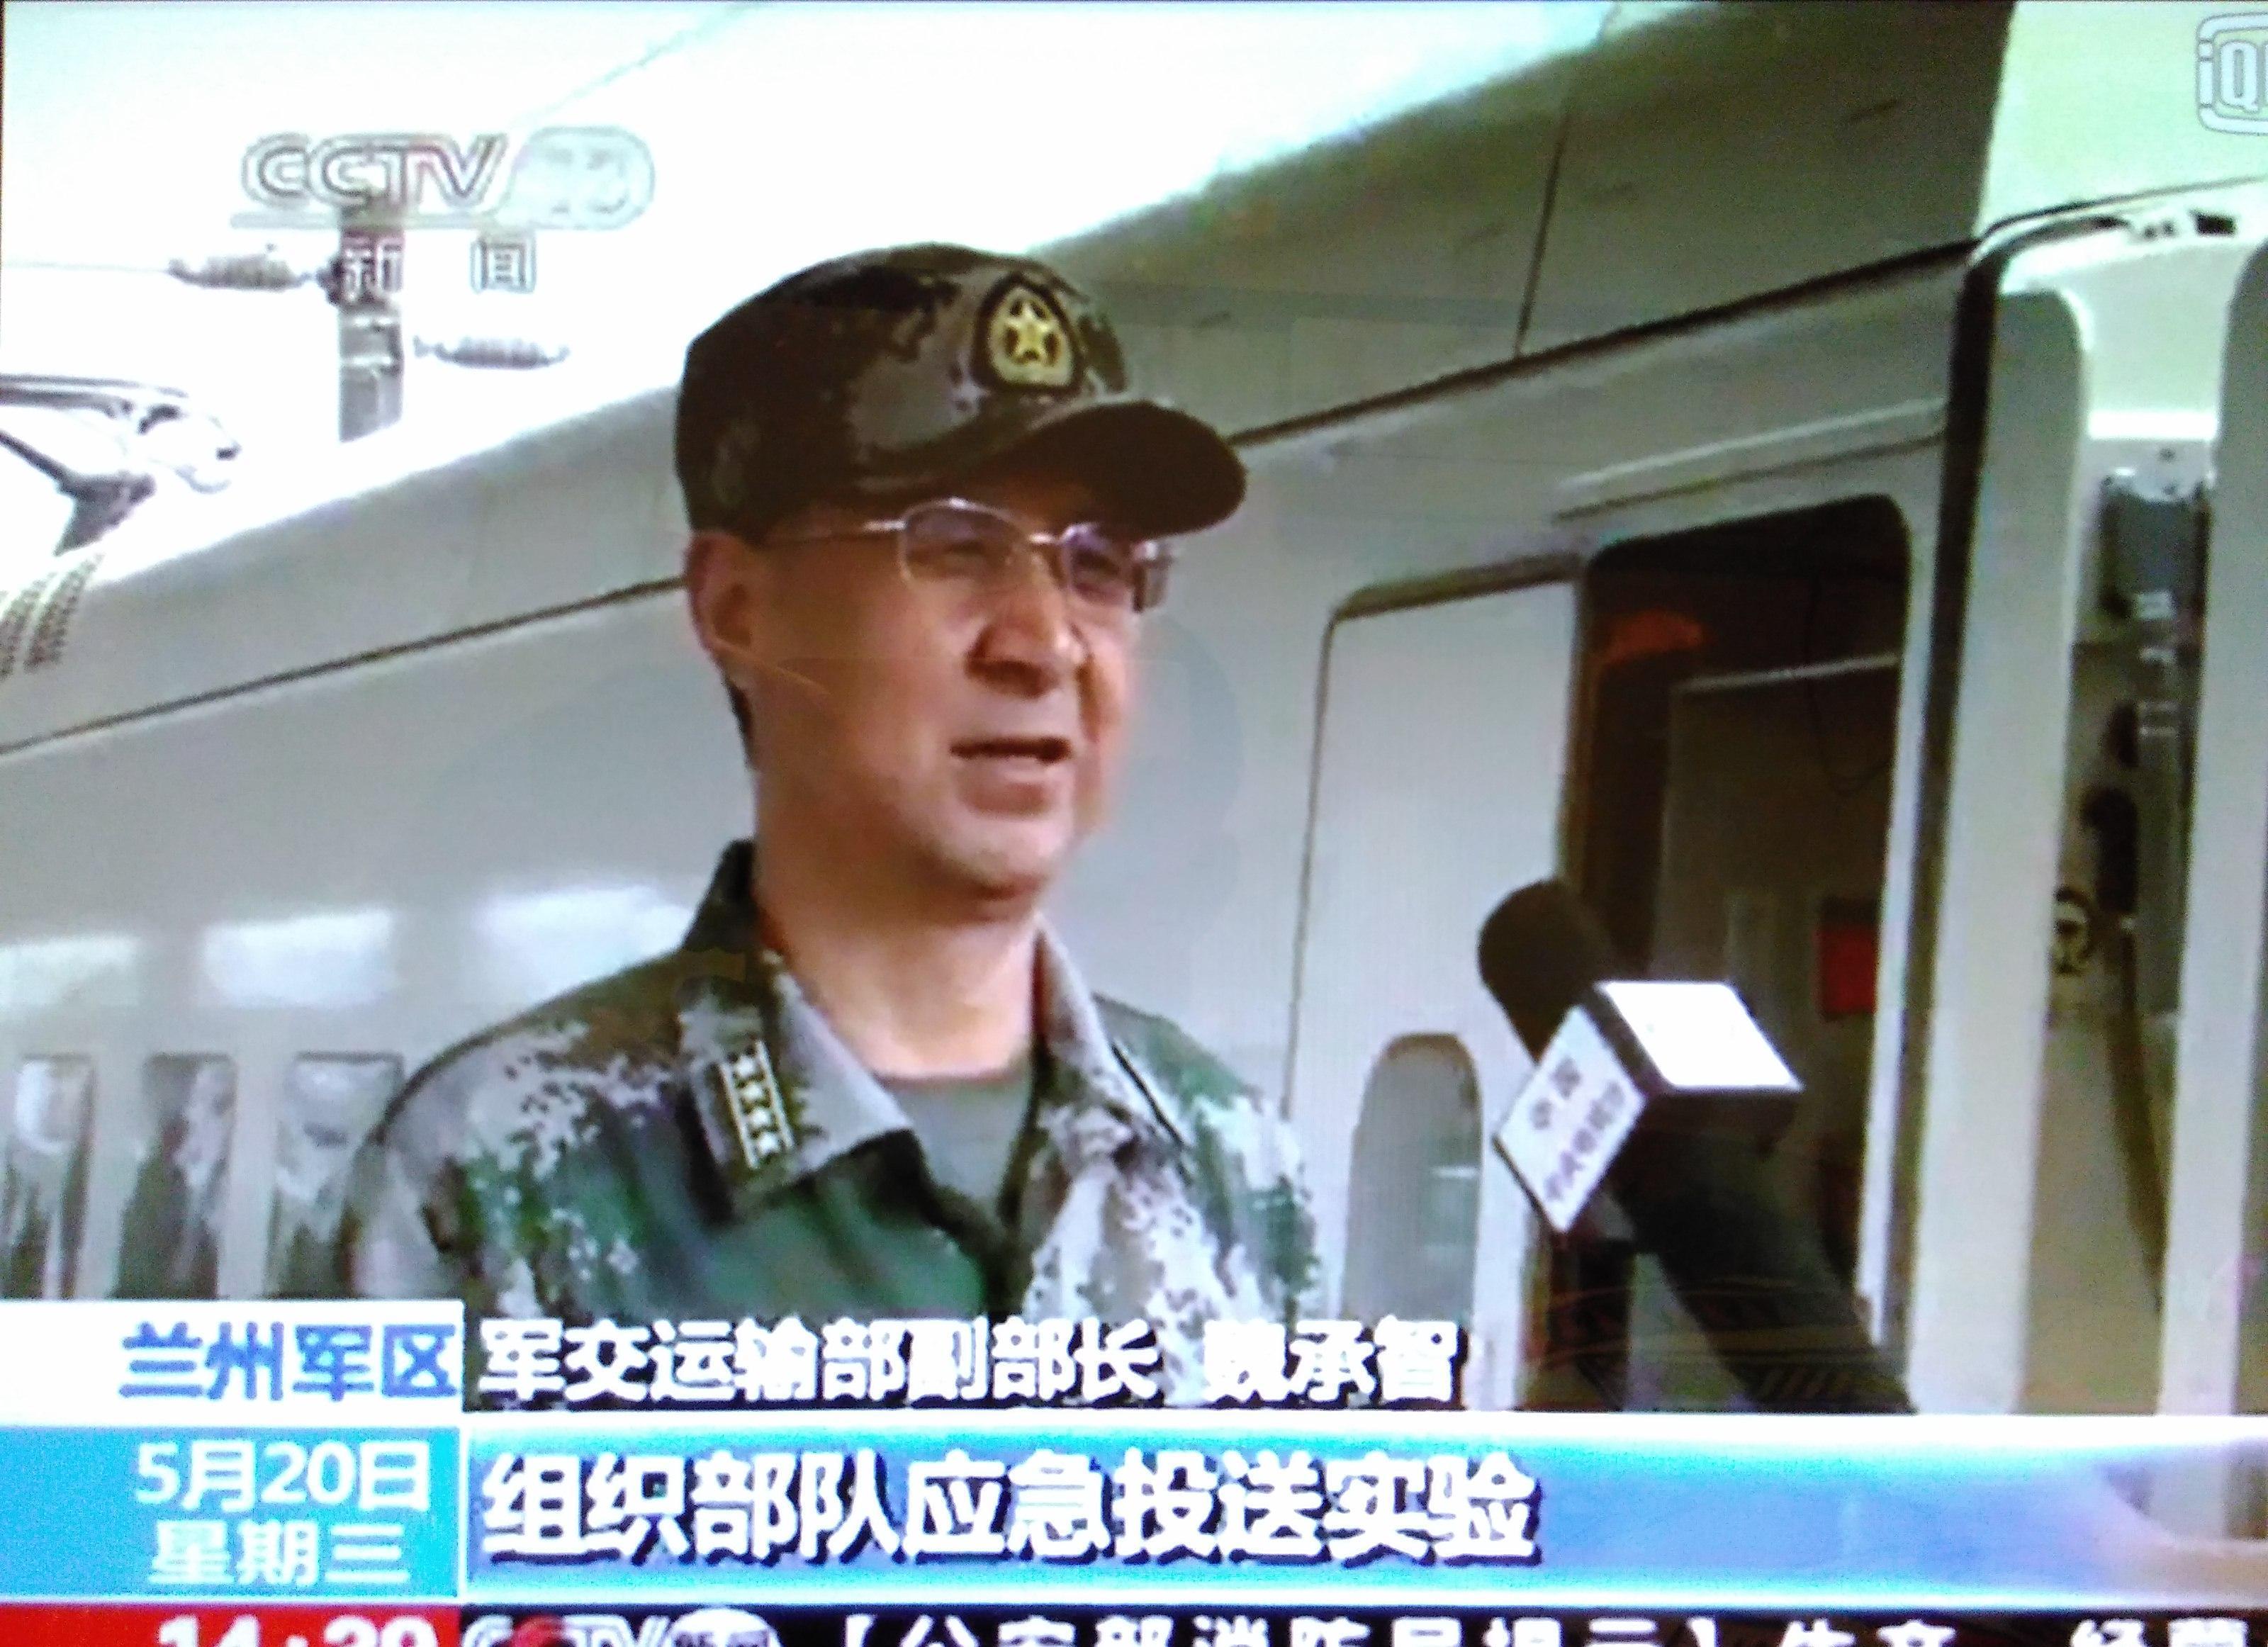 超陆权强国_高铁是中国和平崛起成为强国的重要手段,让小日本和米美的海上霸权一